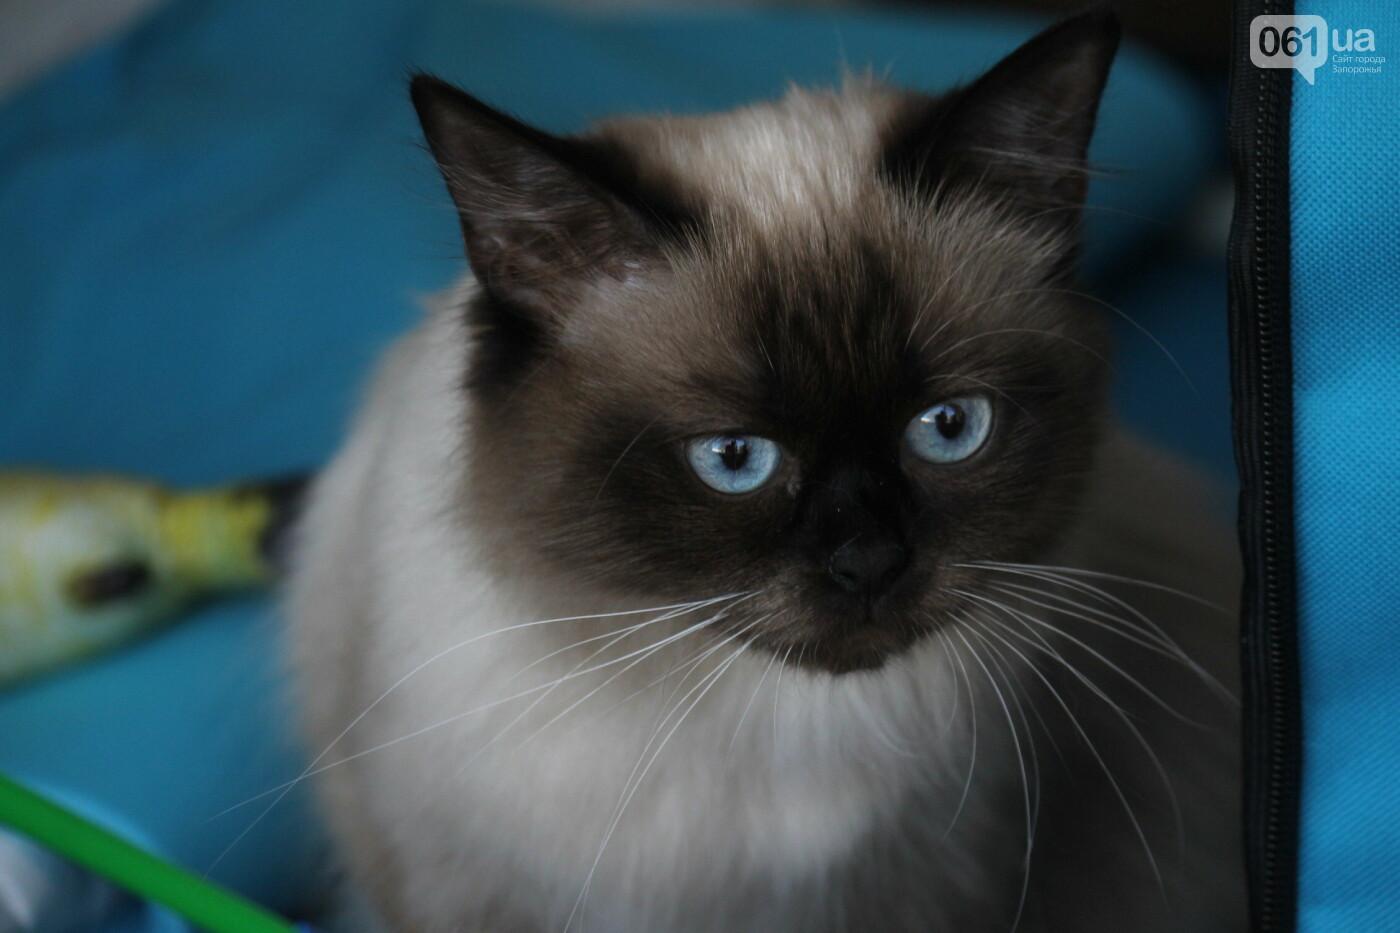 В Запорожье на выставке кошек показали 130 питомцев со всей Украины, – ФОТОРЕПОРТАЖ, фото-24